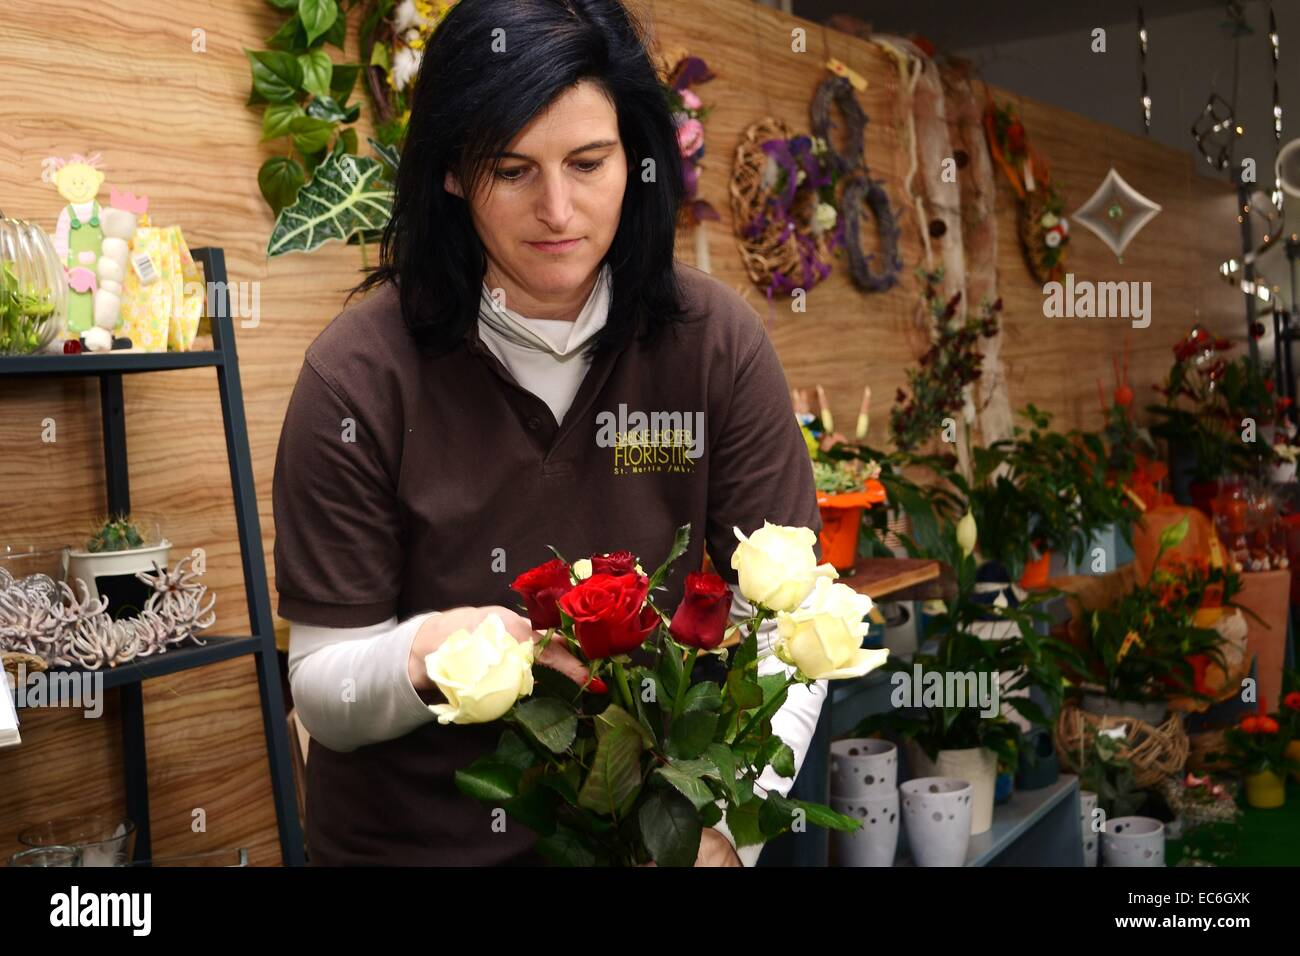 Florist designed bouquet Stock Photo